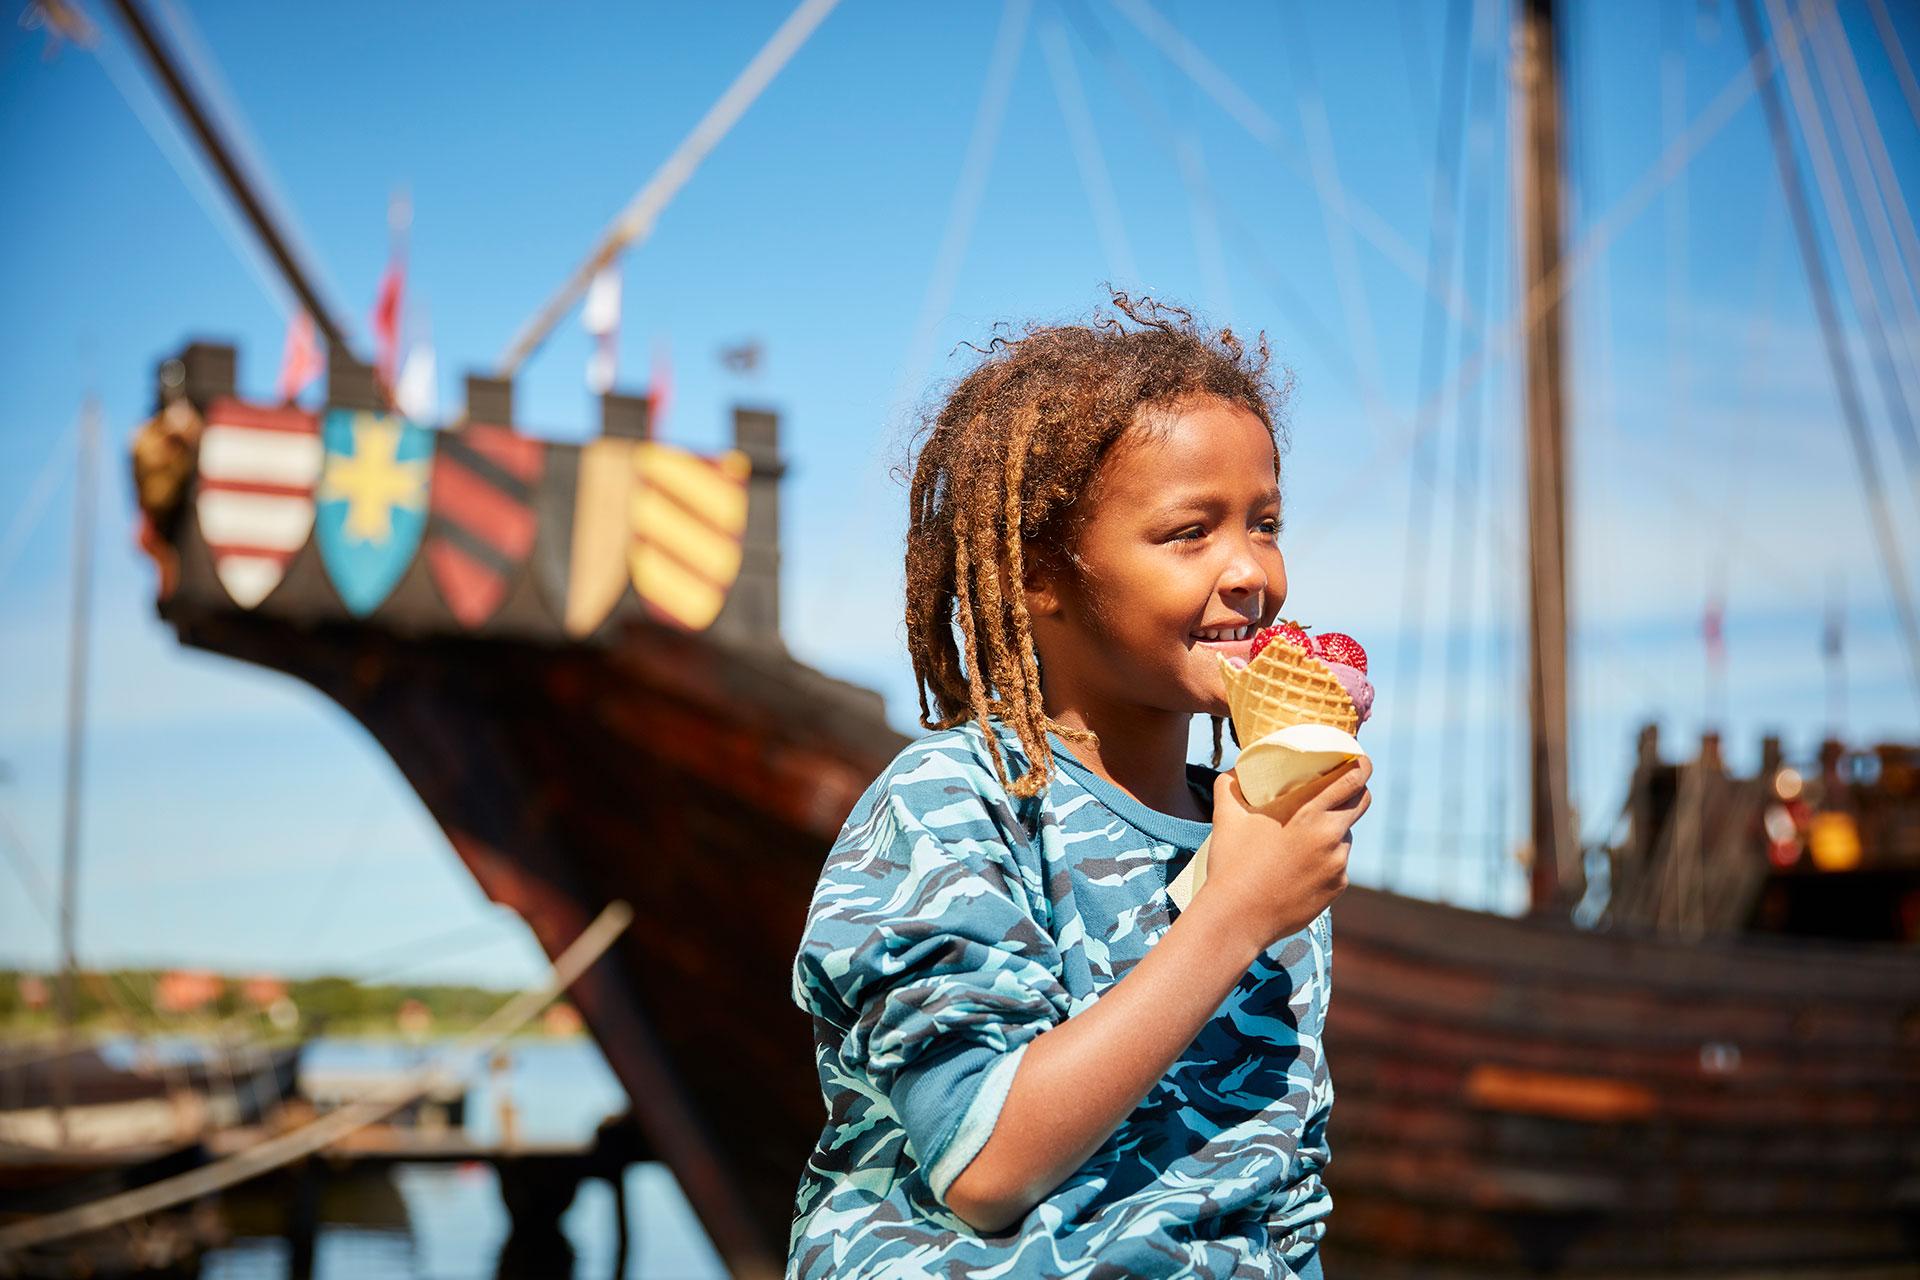 Ett barn äter en glass på Frösåkers Brygga med ett stort vikingaskepp i bakgrunden. Fotograf: BildeN